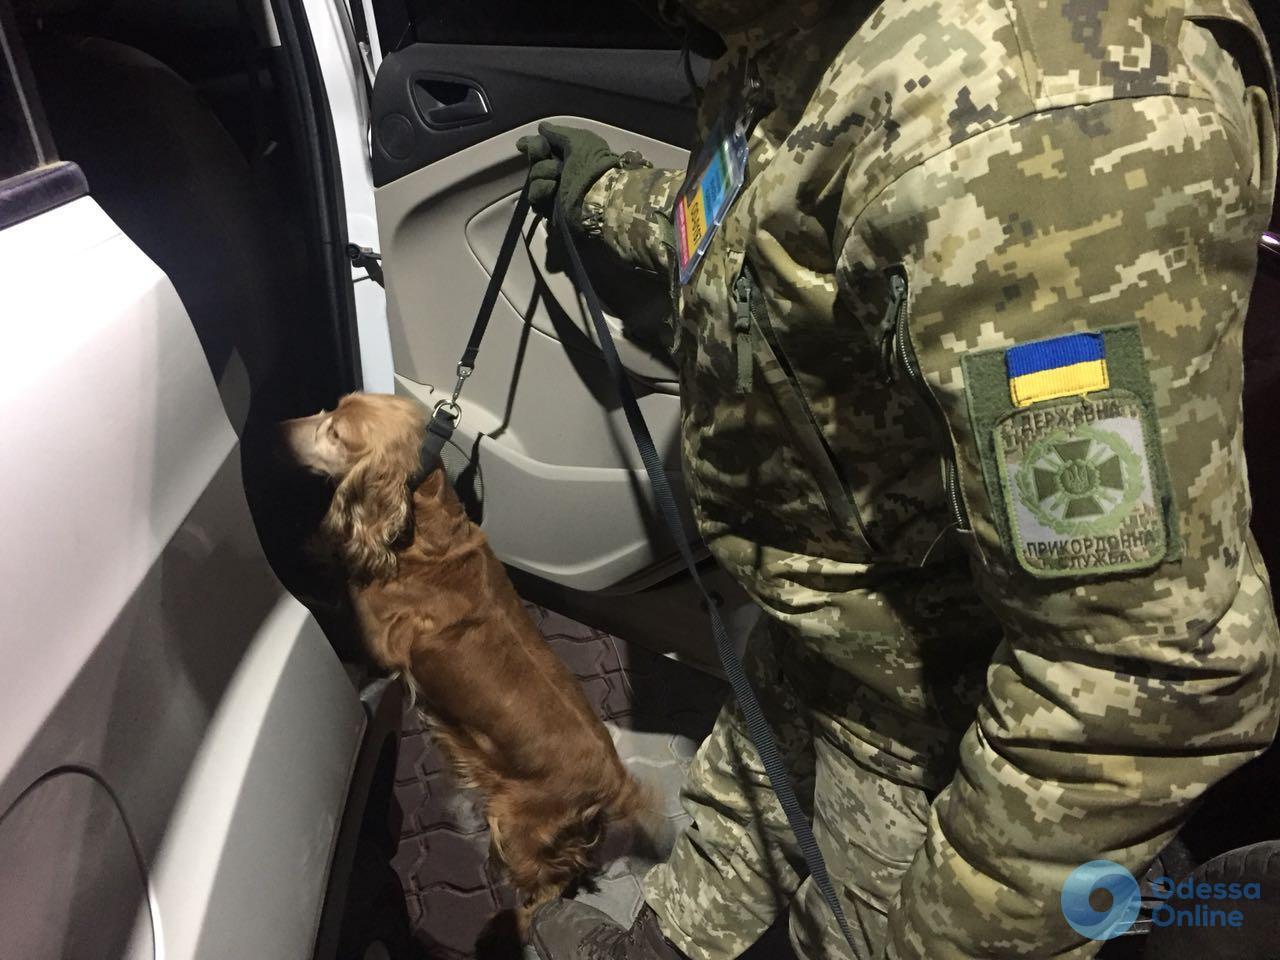 Одесса: в машине из Нью-Йорка нашли патроны